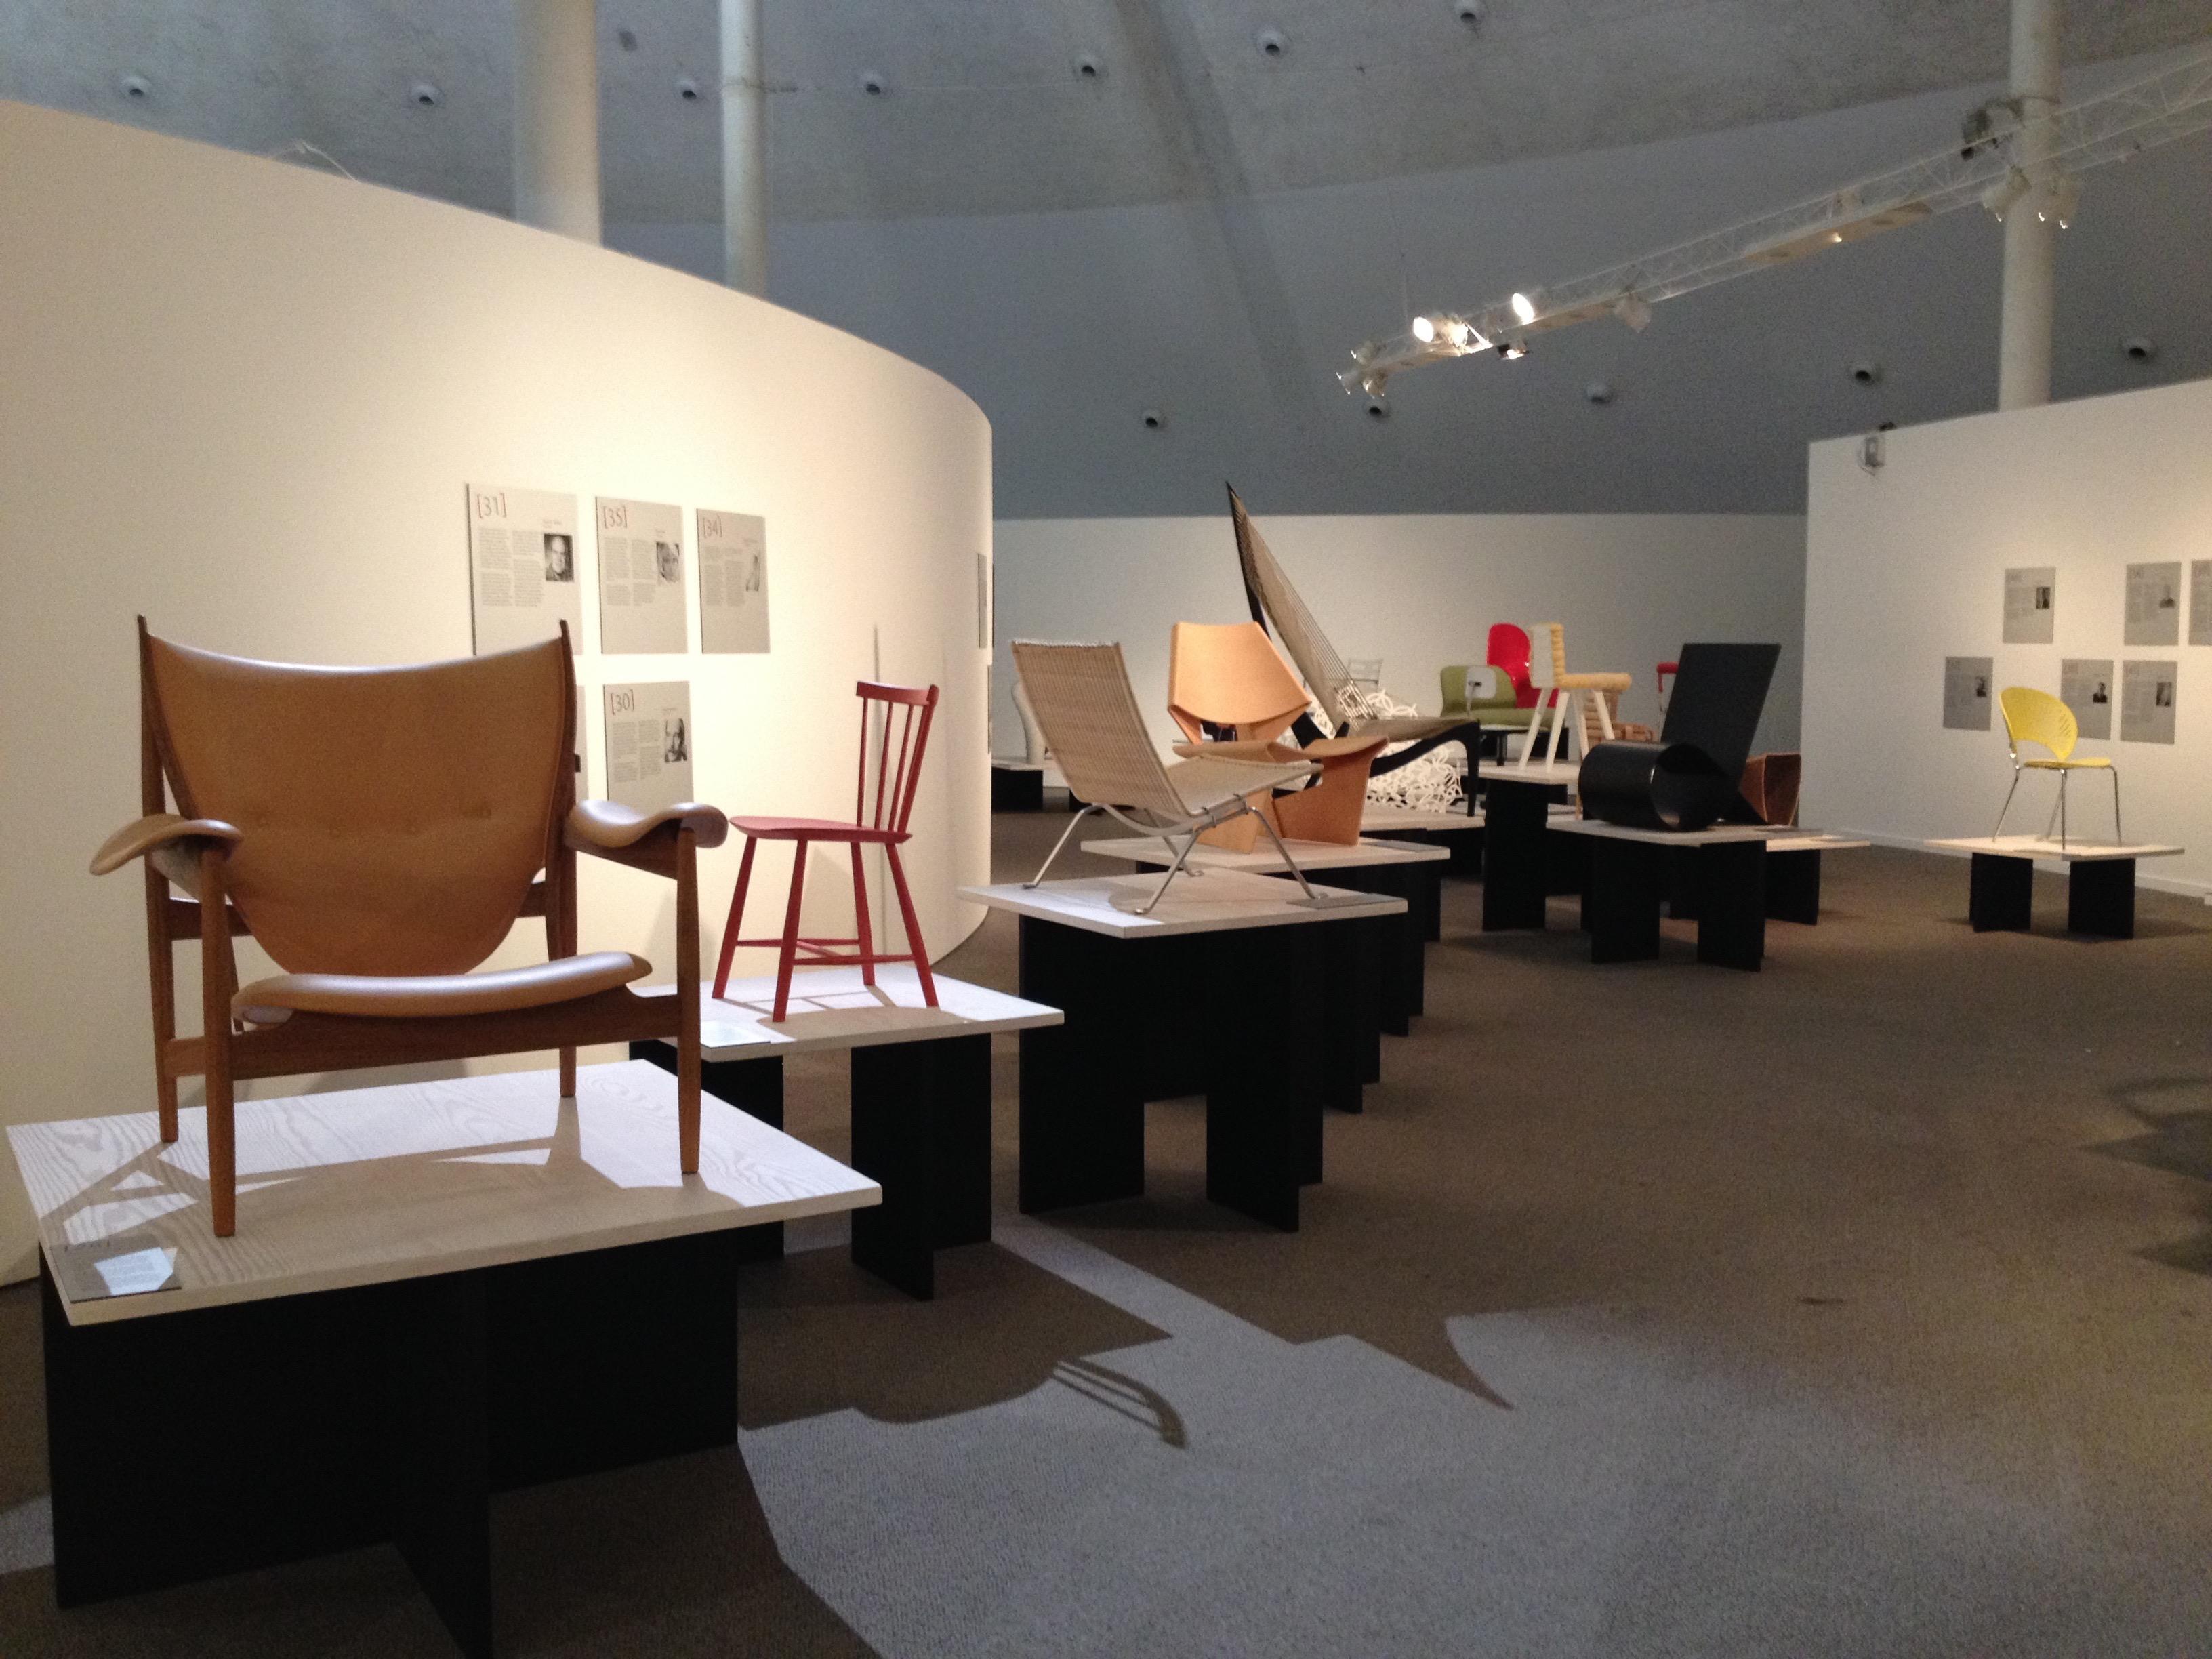 designmuseum brasilia_h